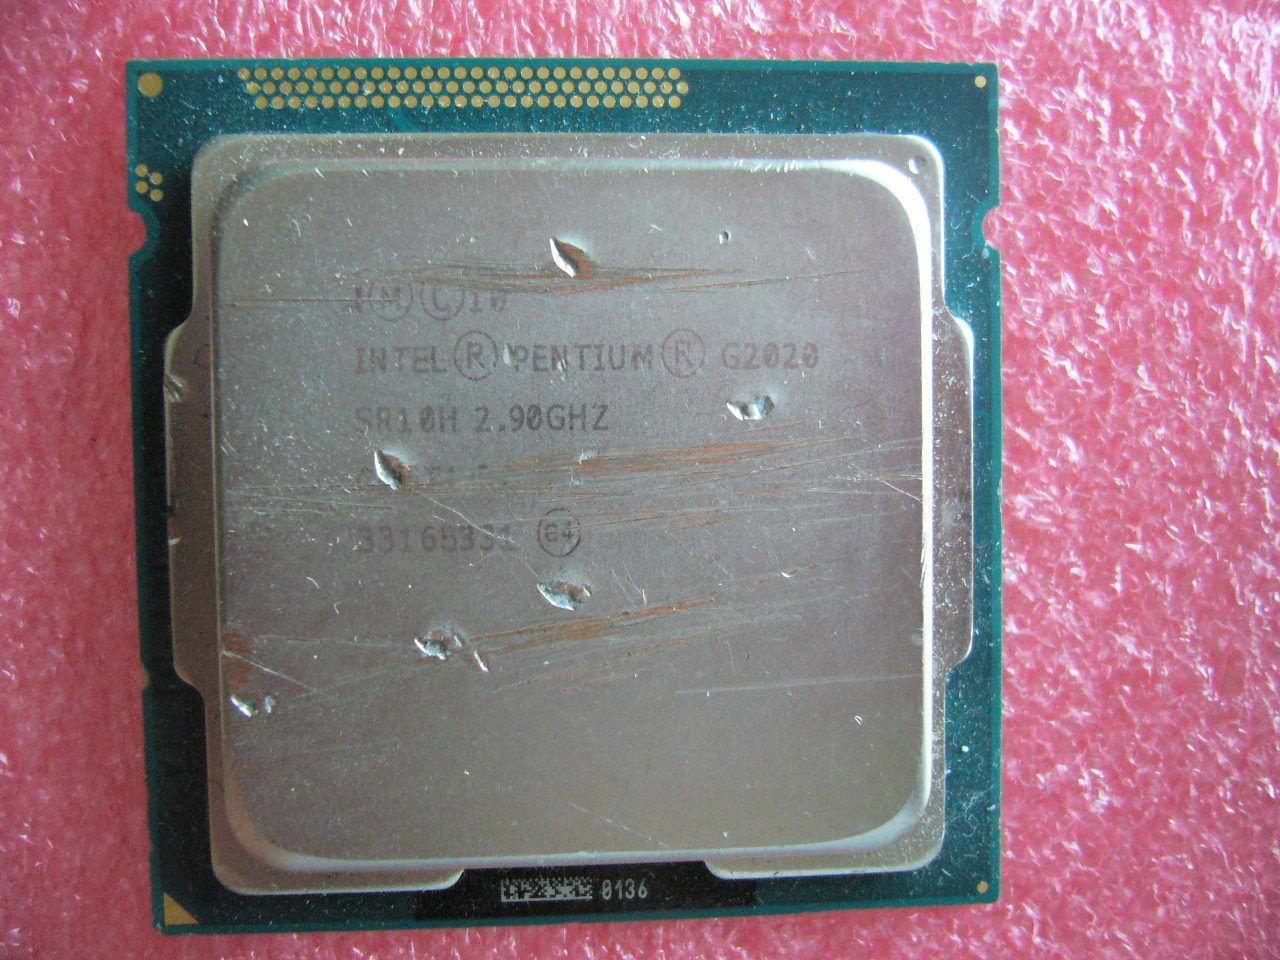 CANTIDAD 1x INTEL Pentium CPU G2020 2.9GHZ / 3MB LGA1155 SR10H rayones